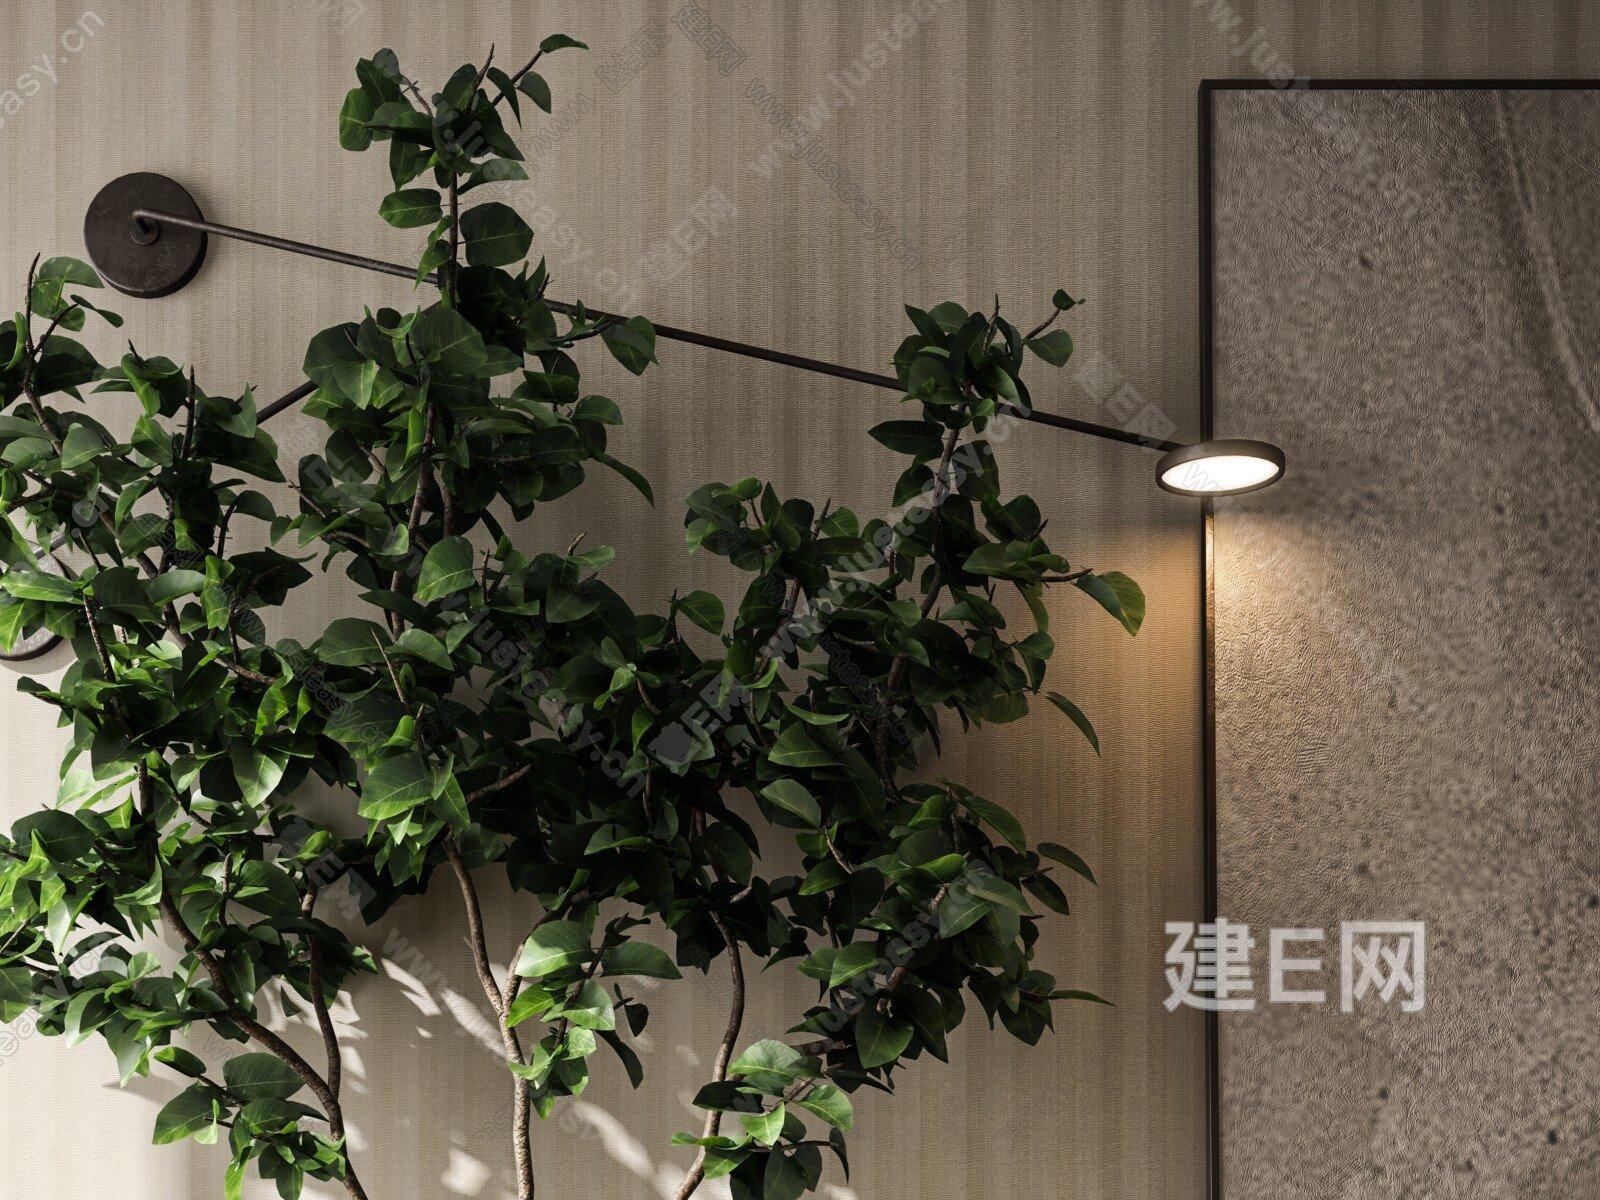 盆栽摆件3d模型